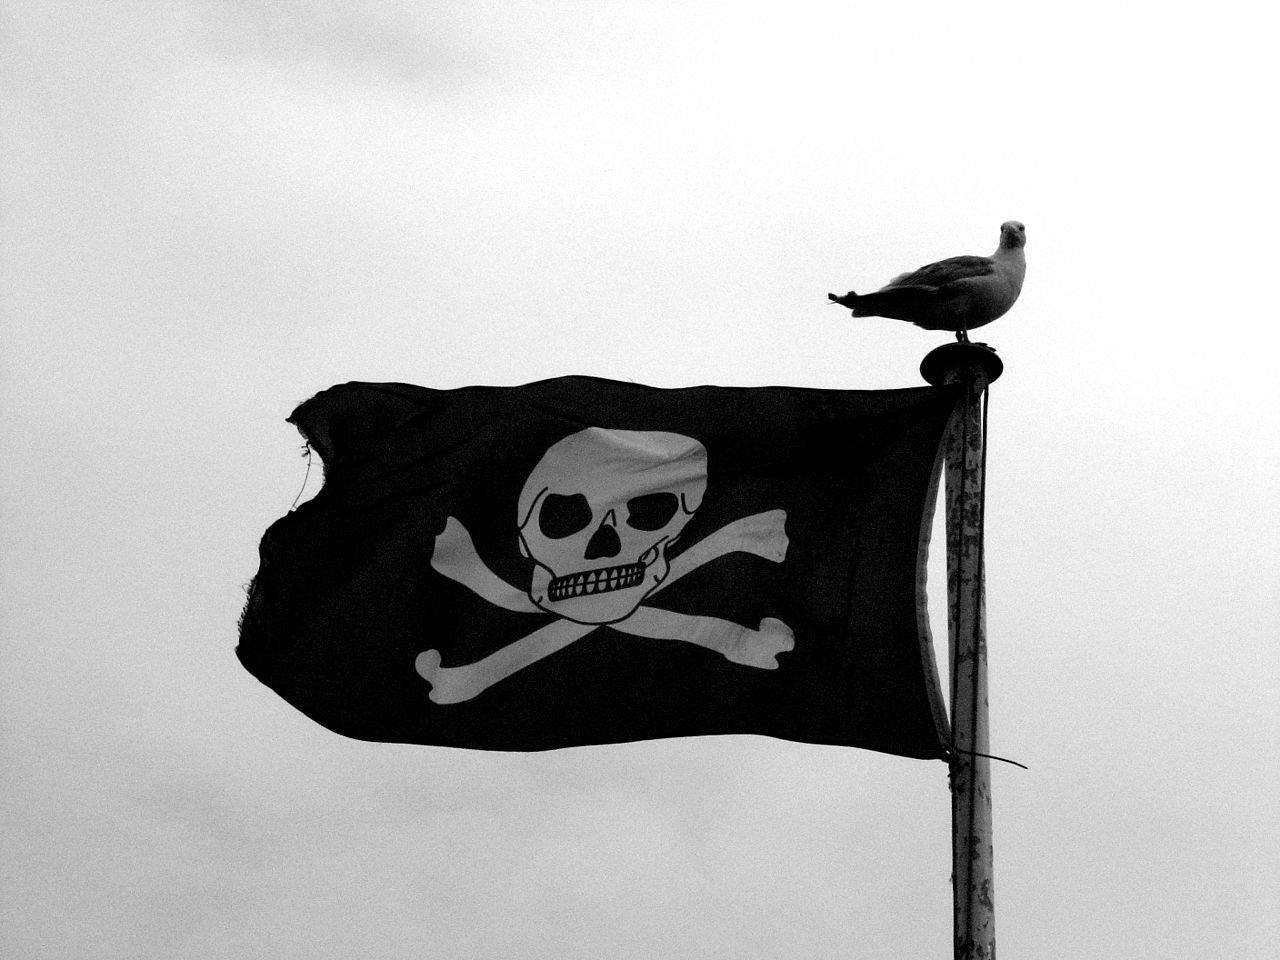 Поисковики и правообладатели подпишут меморандум о борьбе с пиратством 1 ноября